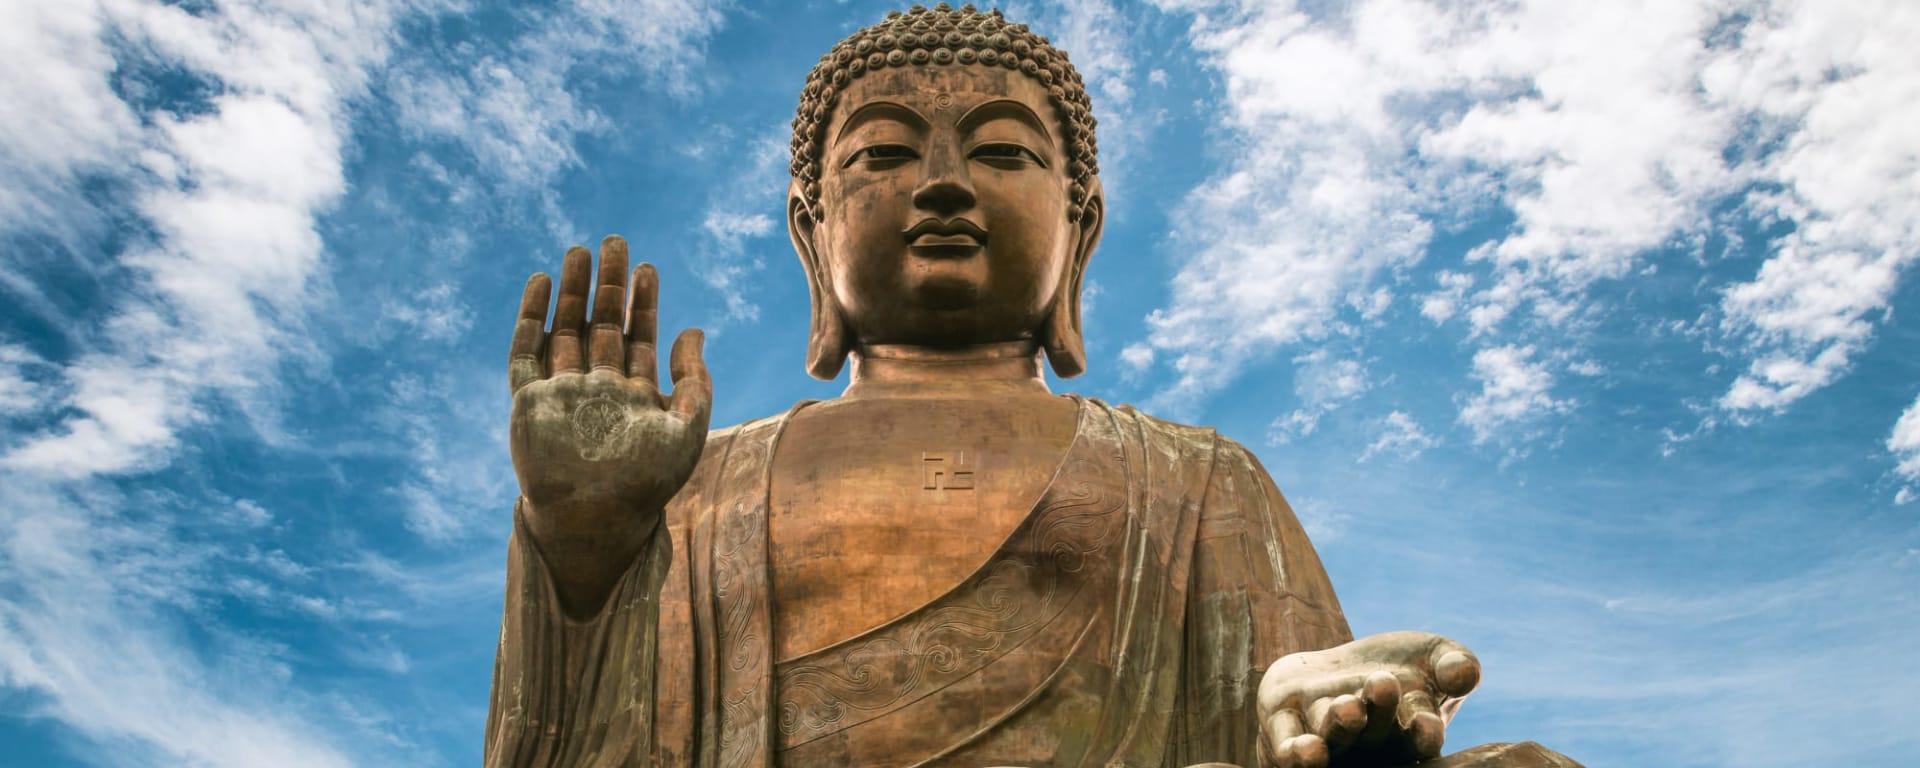 Hong Kong entdecken mit Tischler Reisen: Hong Kong Lantau Tian Tan Buddha